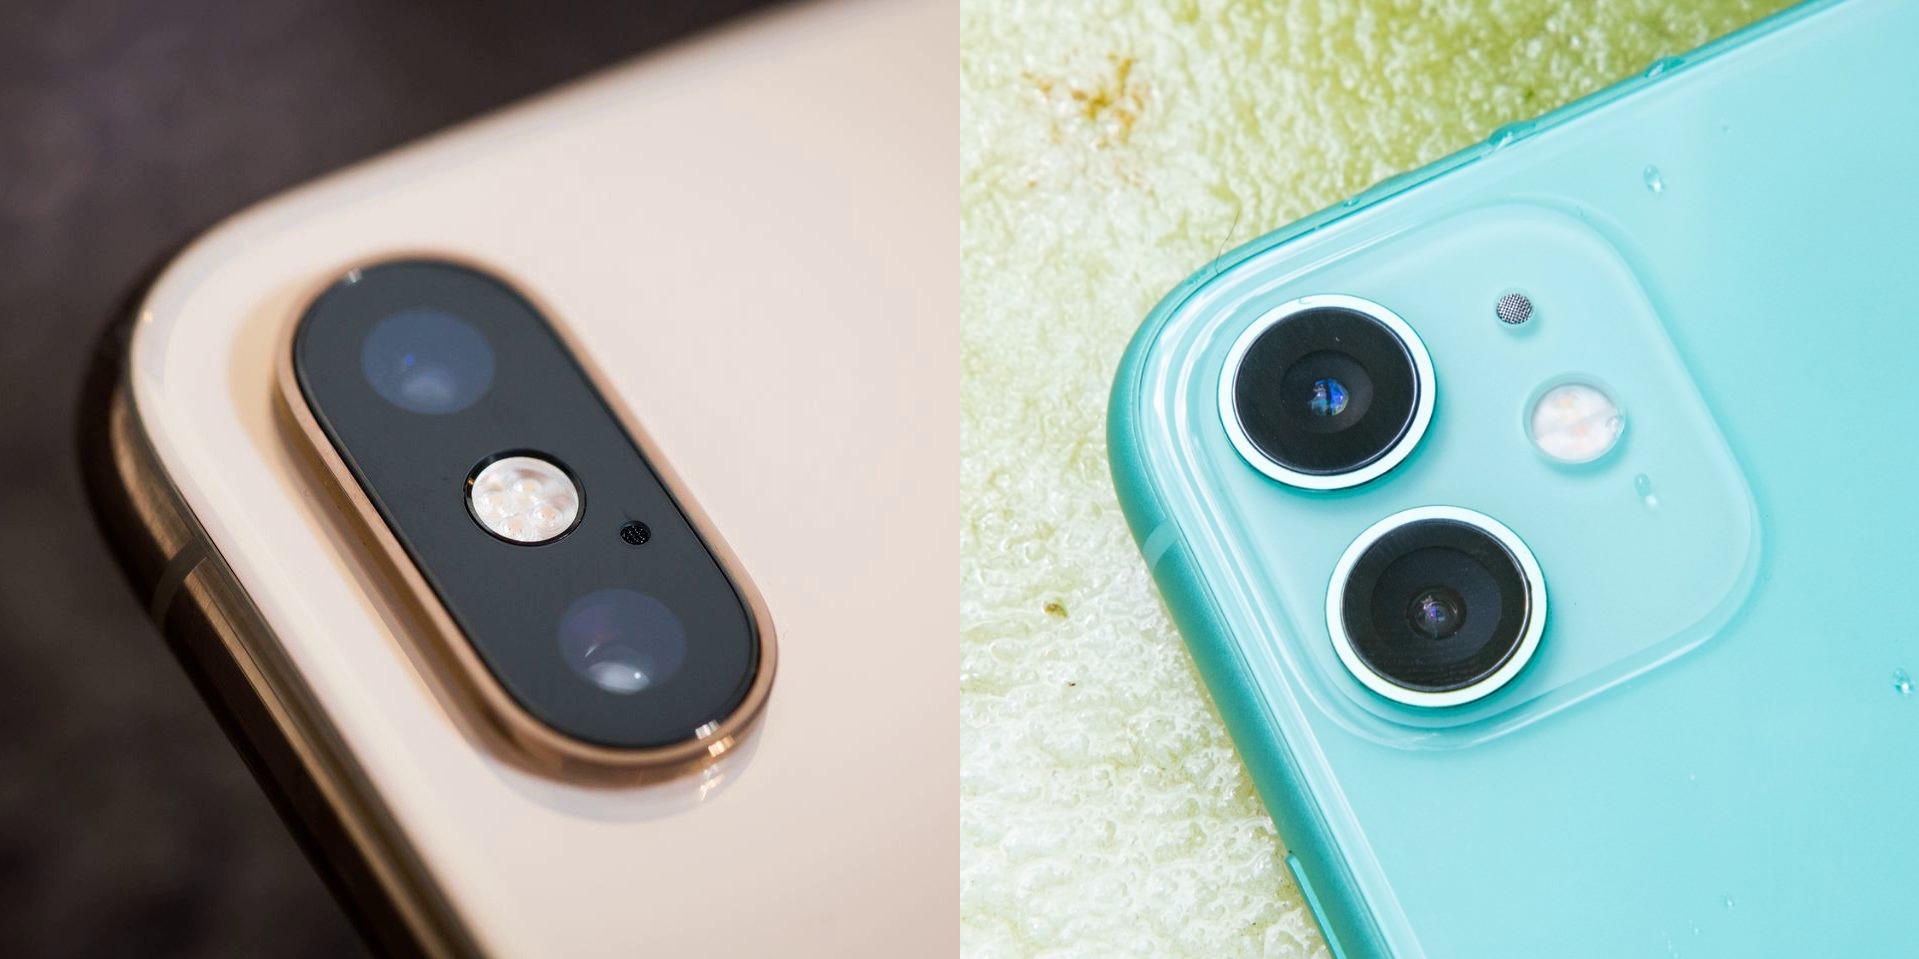 Слева камера iPhone Xs, справа камера iPhone 11